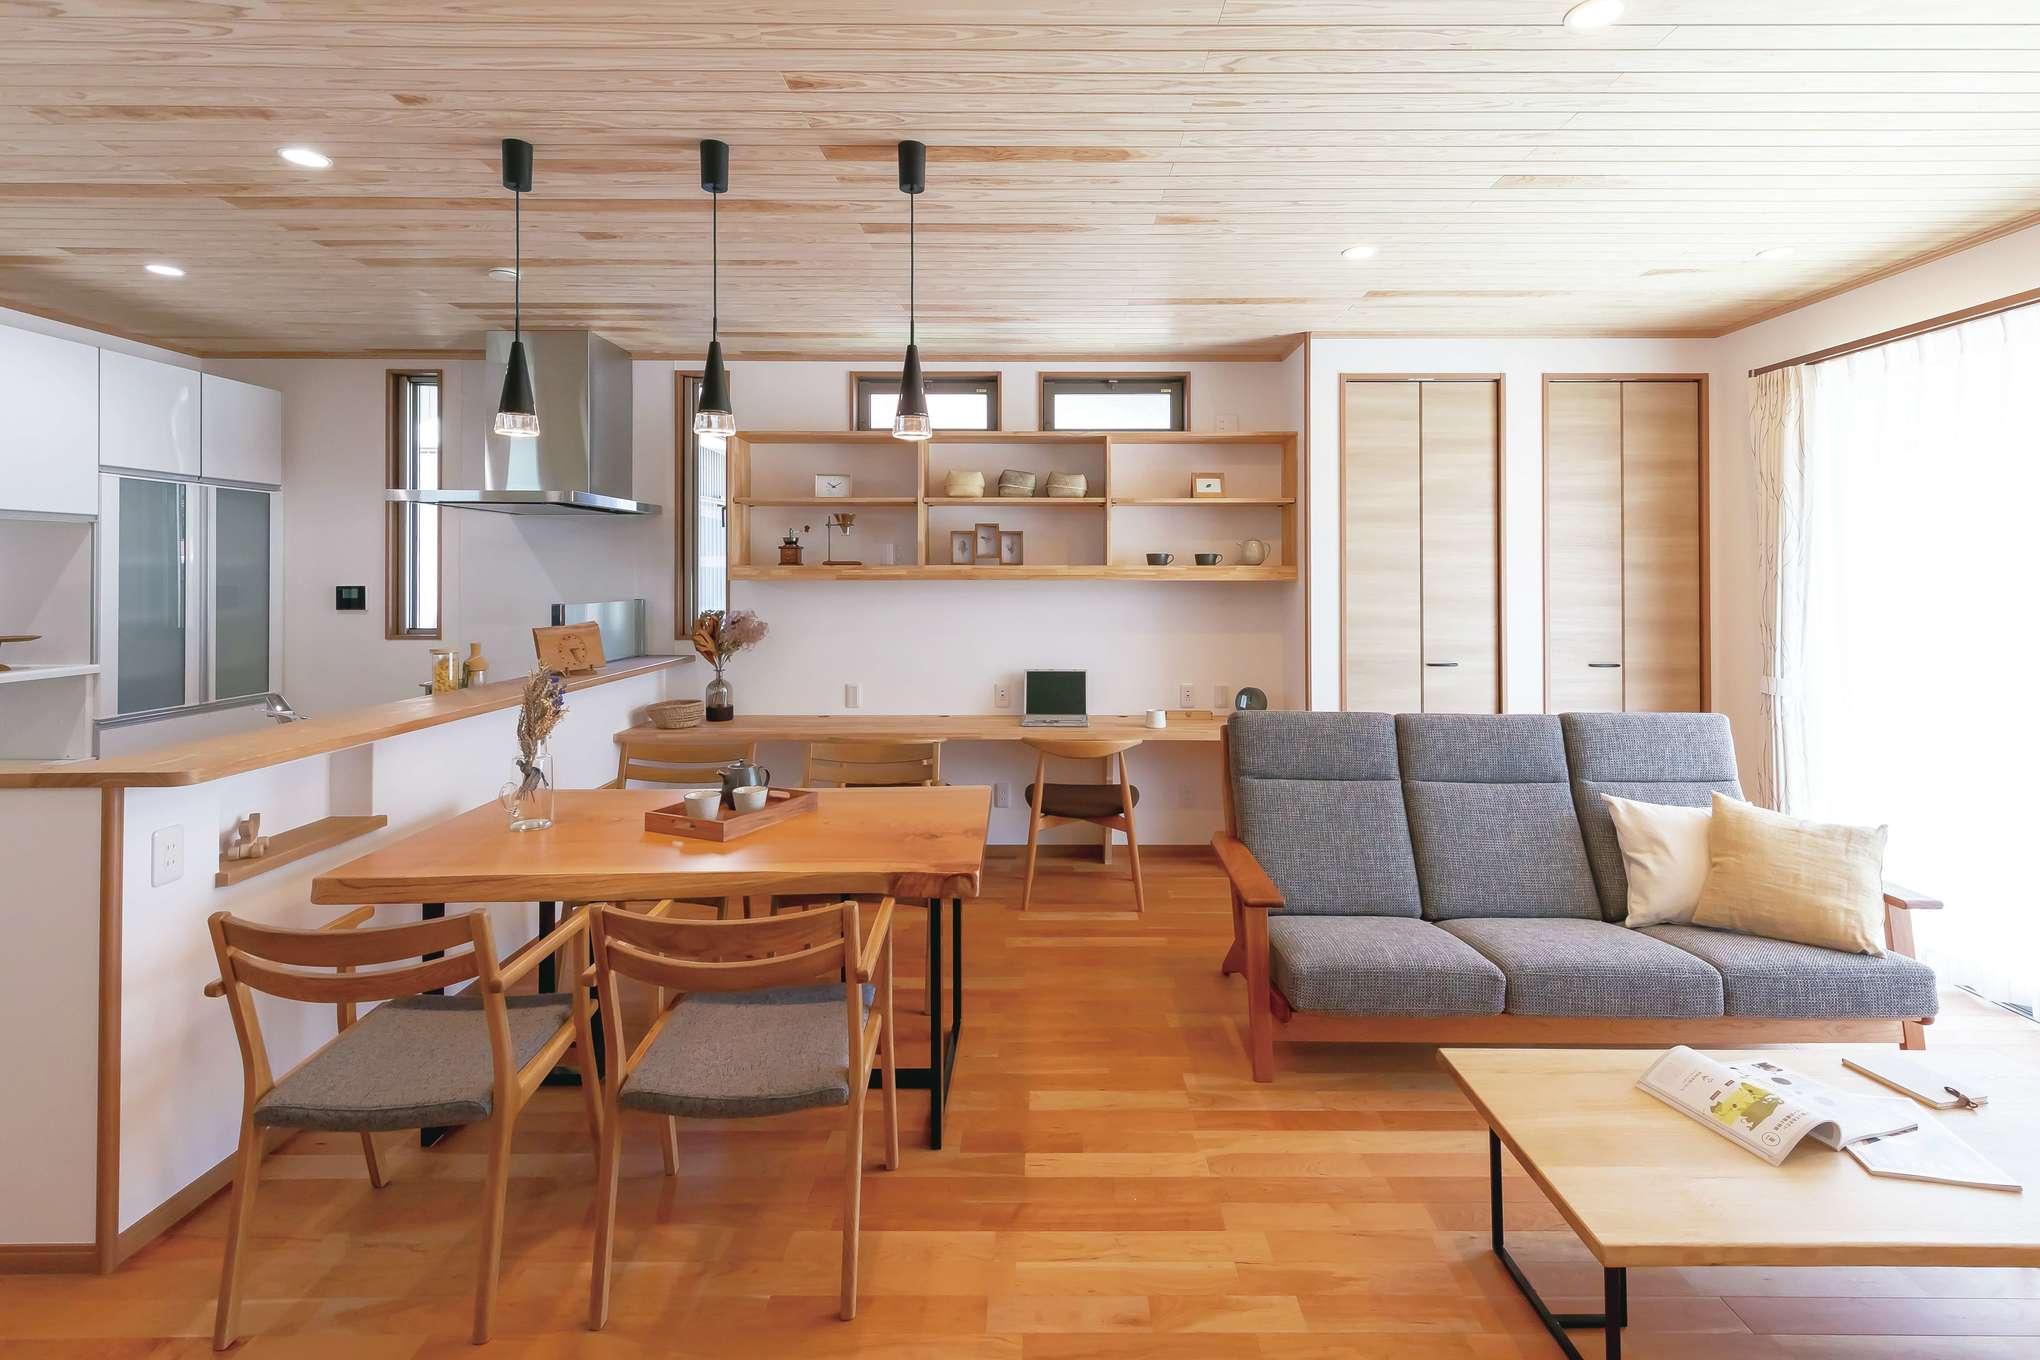 住まいるコーポレーション【デザイン住宅、自然素材、間取り】床と天井の無垢材のコントラストが美しいリビングダイニング。室内の奥まで明るさが行き届く